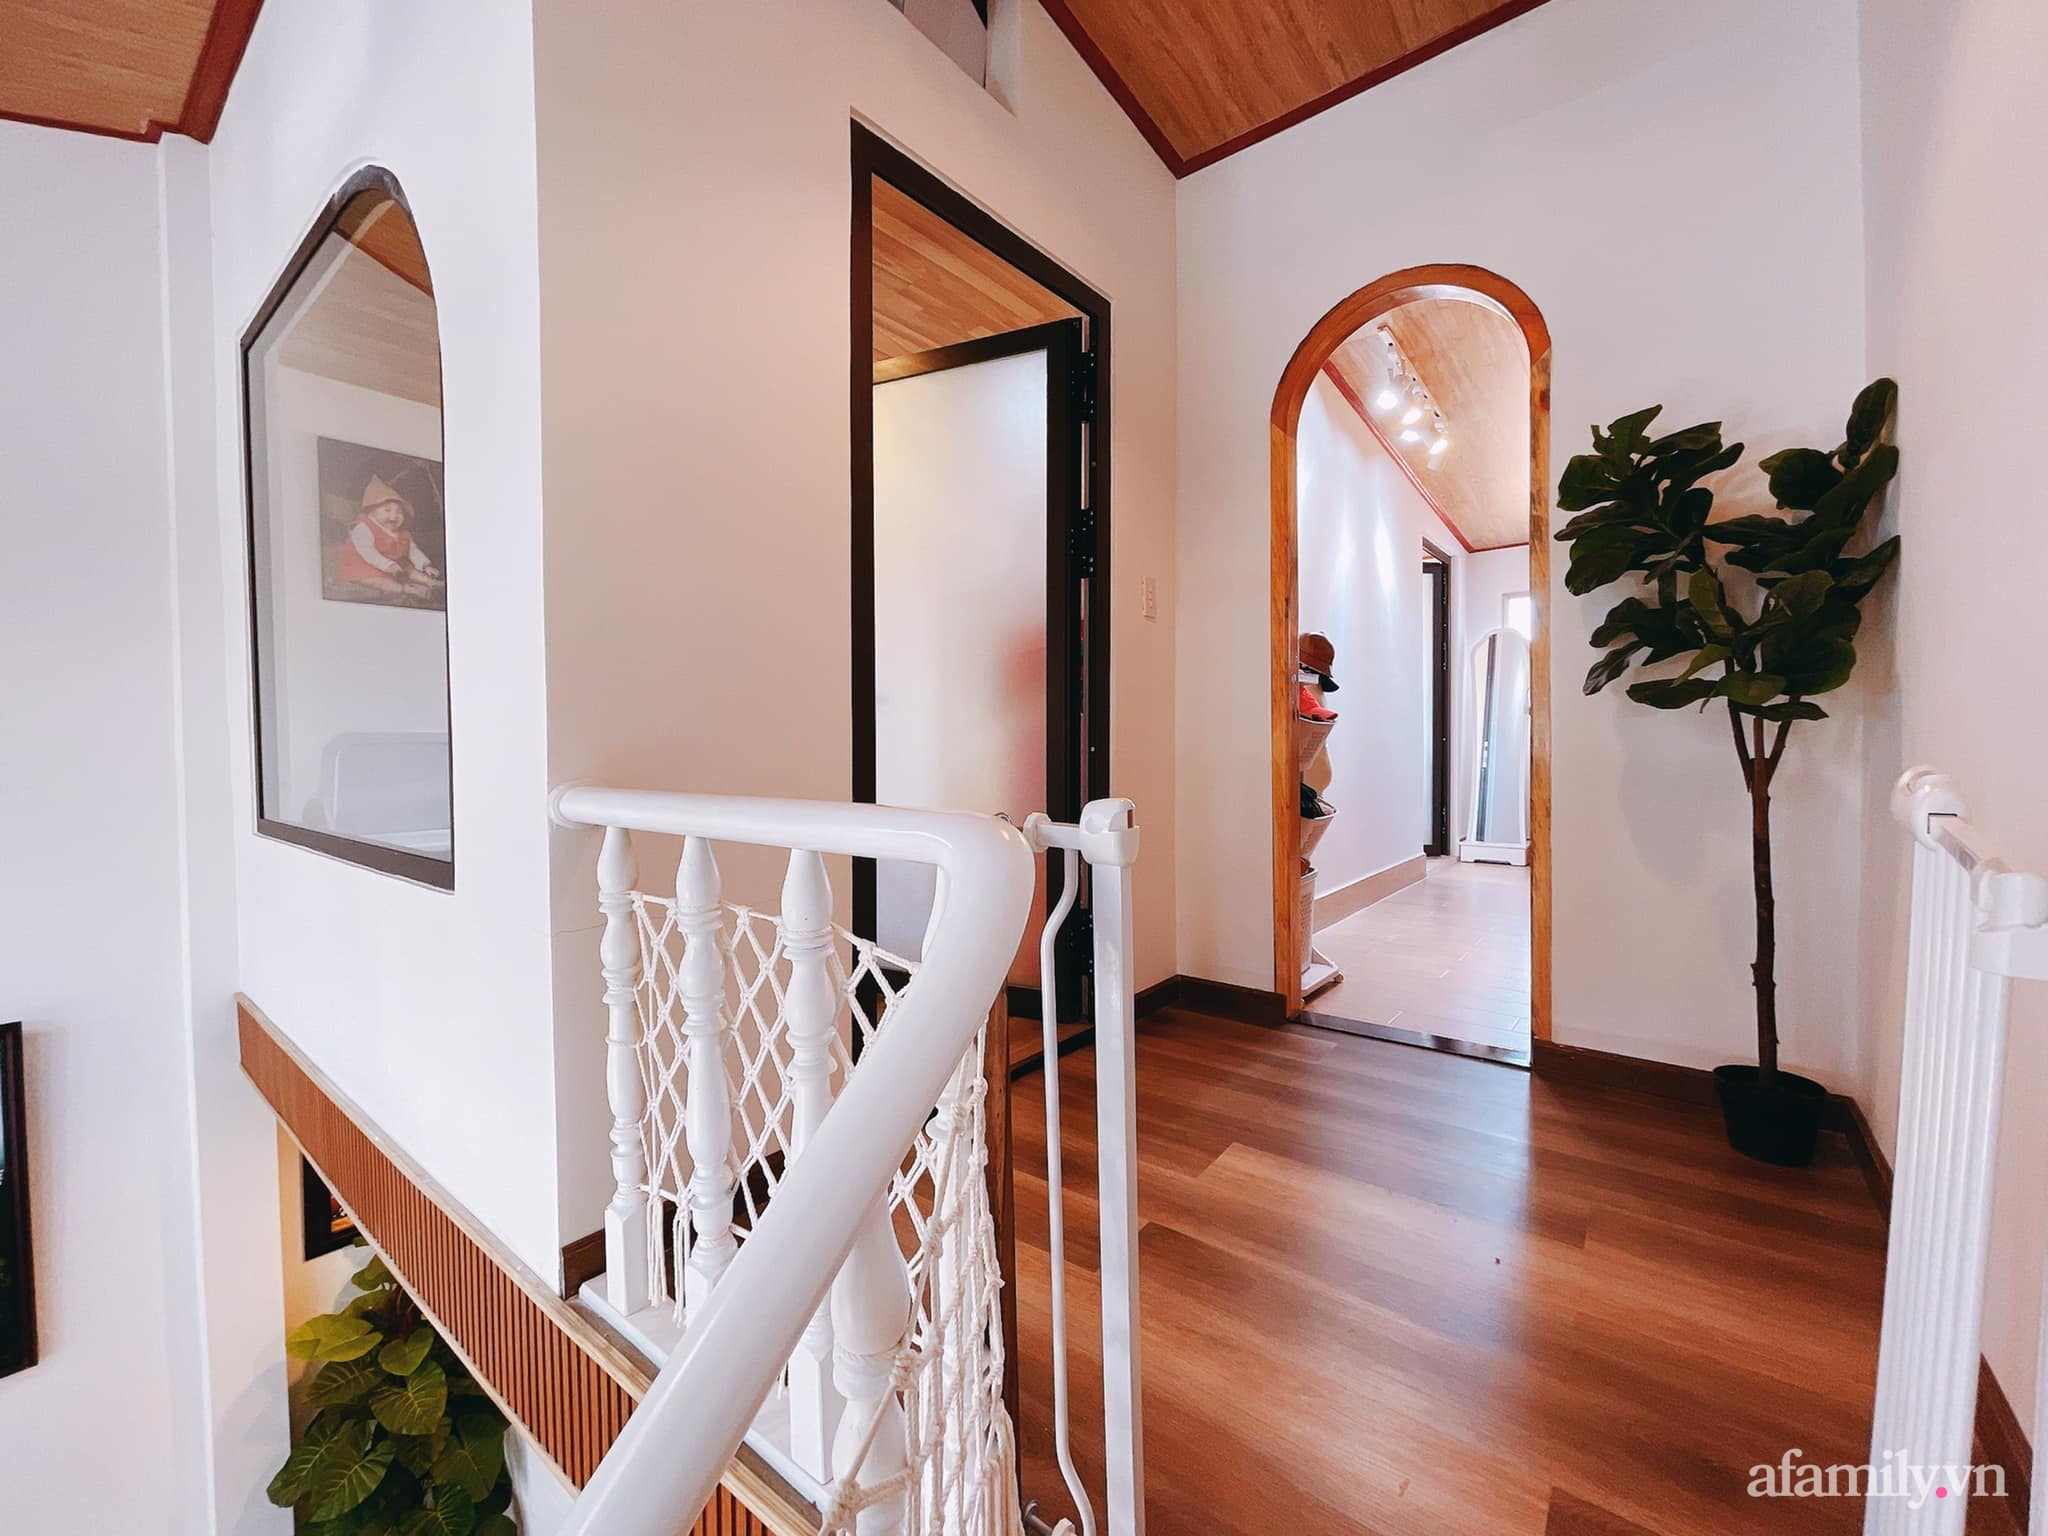 Mua lại căn nhà 63m², cặp vợ chồng trẻ cải tạo thành không gian sống ấm cúng, tiện nghi đủ đường ở Đà Lạt - Ảnh 19.